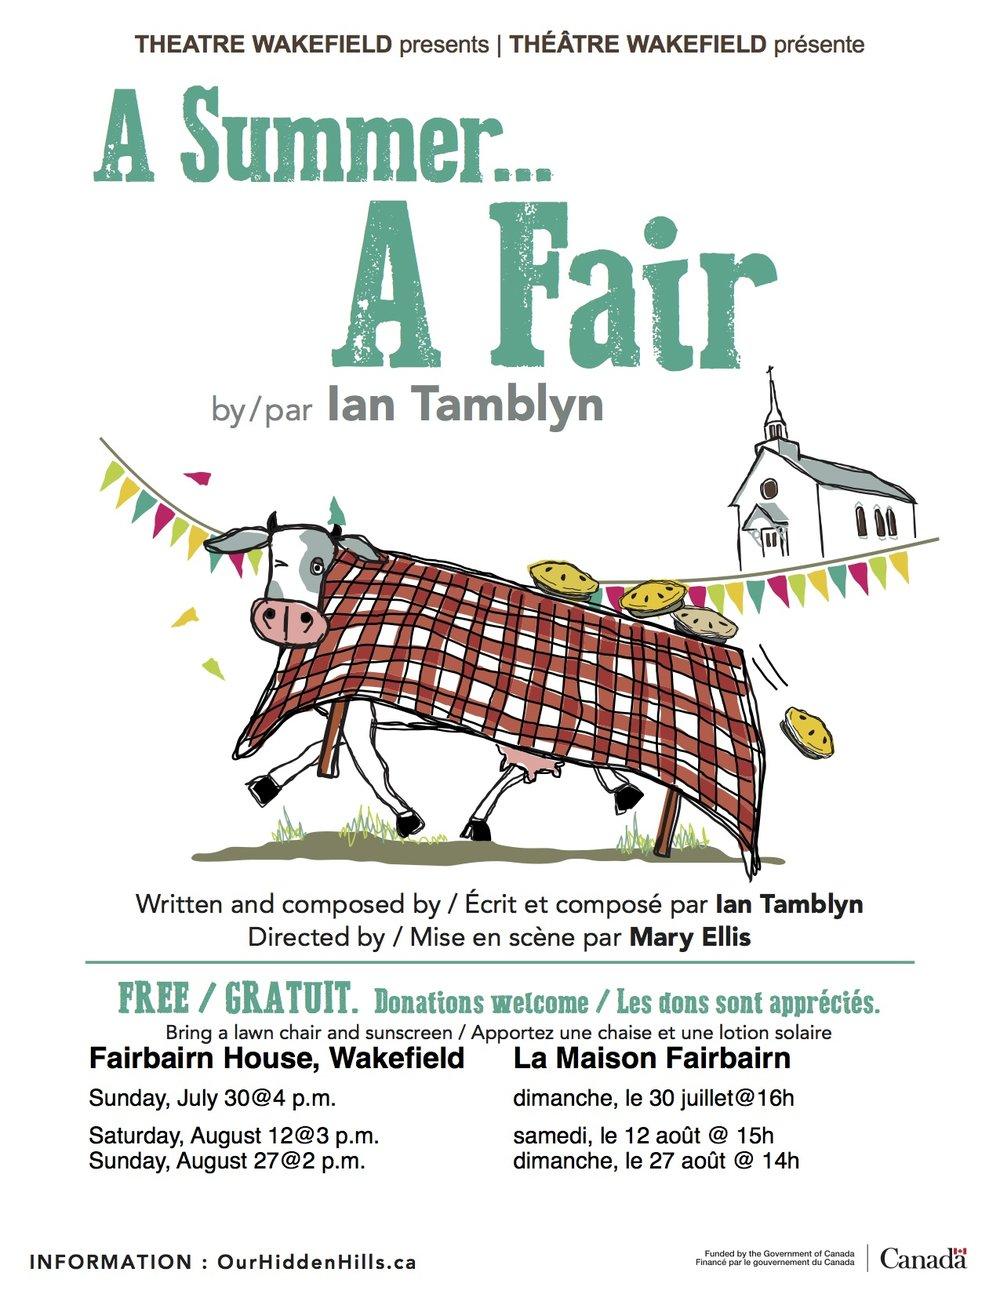 A Summer...A Fair - dimanche le 30 juillet à 16 hsamedi le 12 août à 15hdimanche le 27 août à 14 h